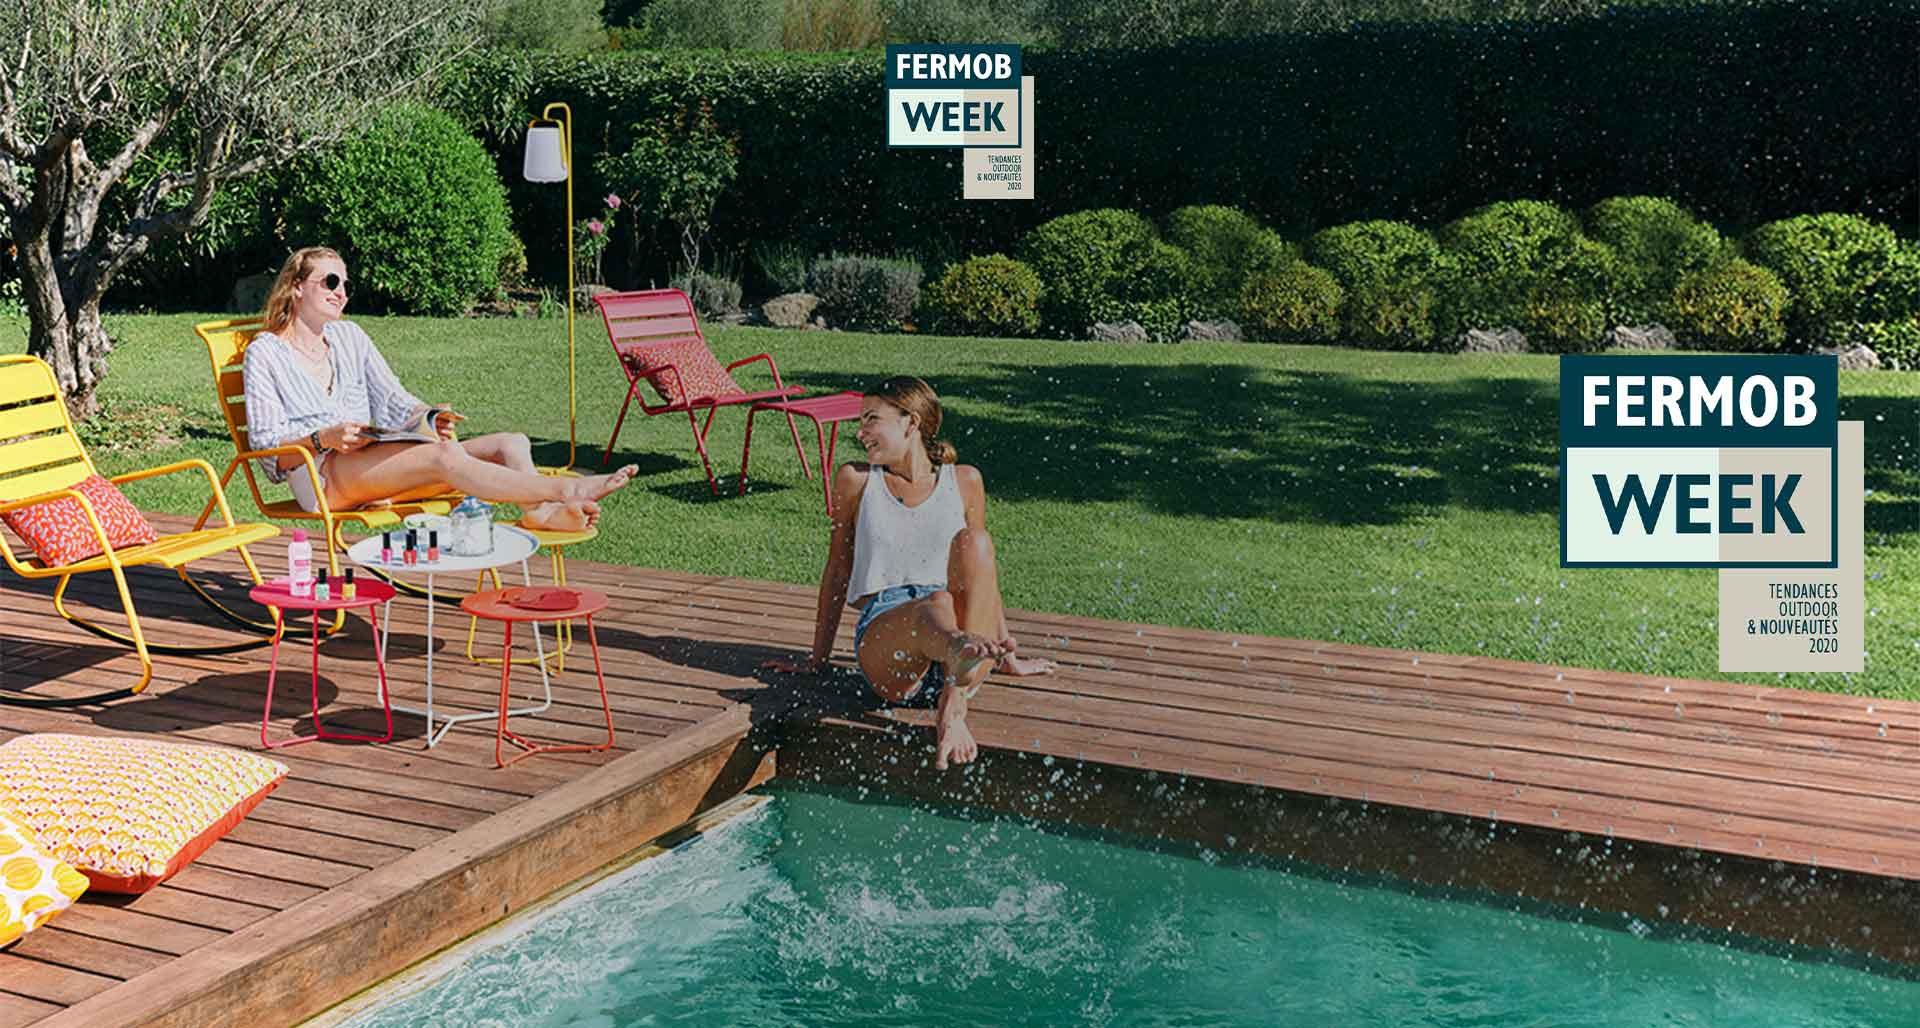 Jardineries Truffaut : Spécialiste Jardin, Animaux, Maison ... avec Salon De Jardin Truffaut